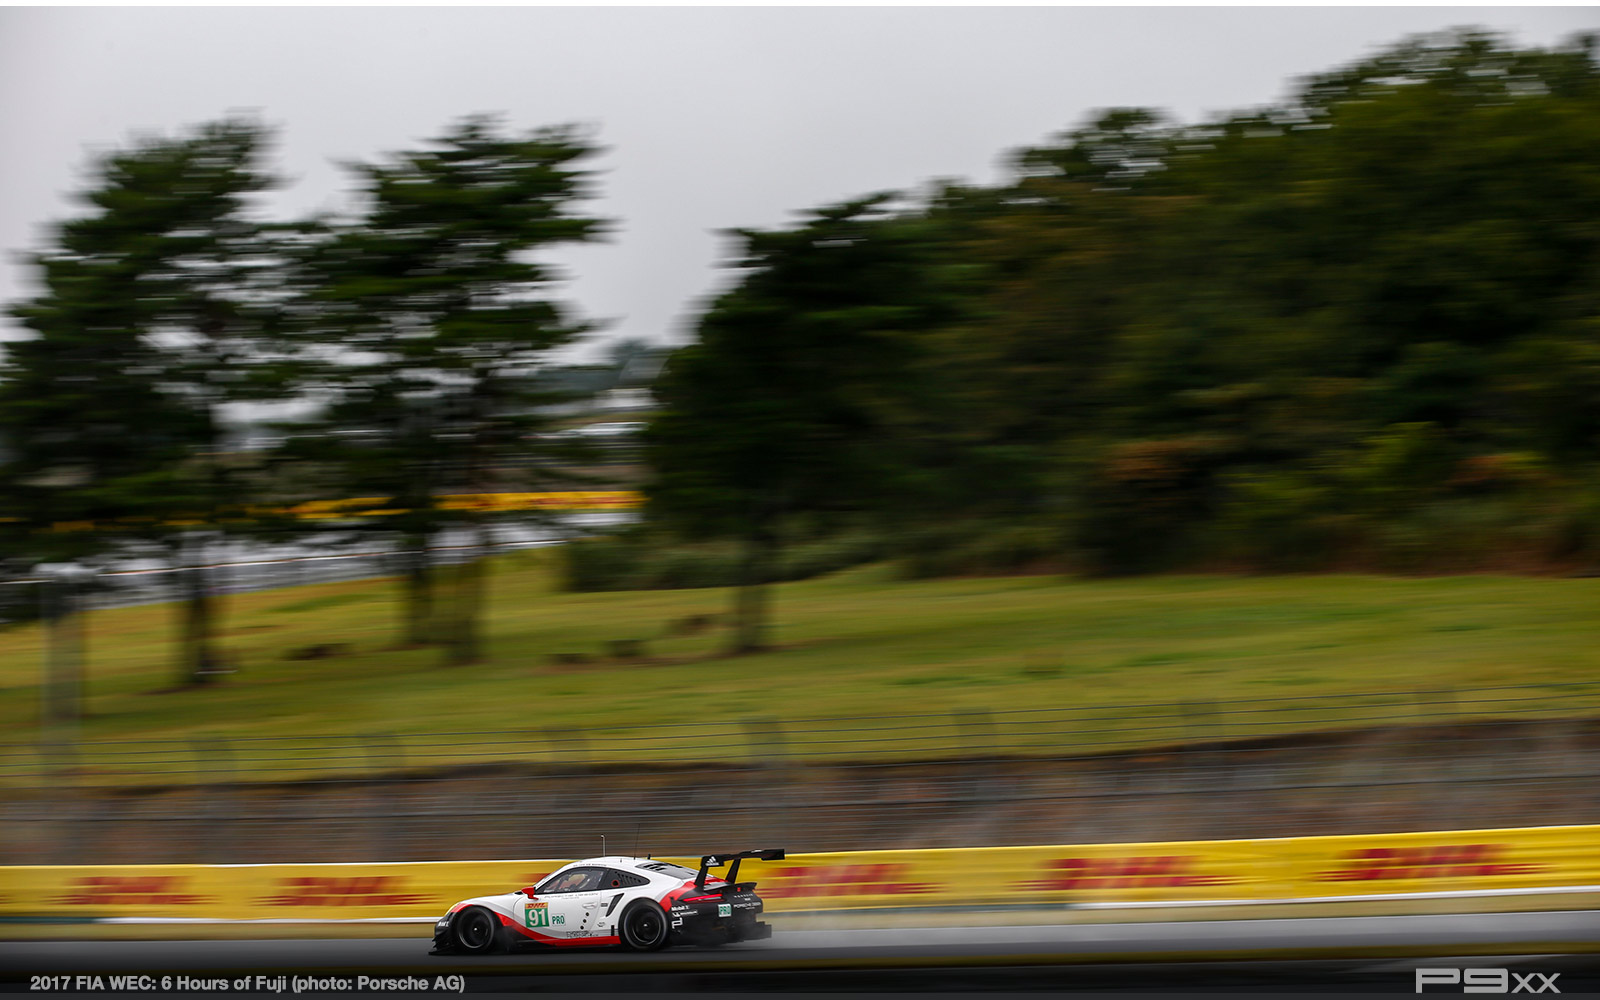 2017-FIA-WEC-6h-of-Fuji-Porsche-388